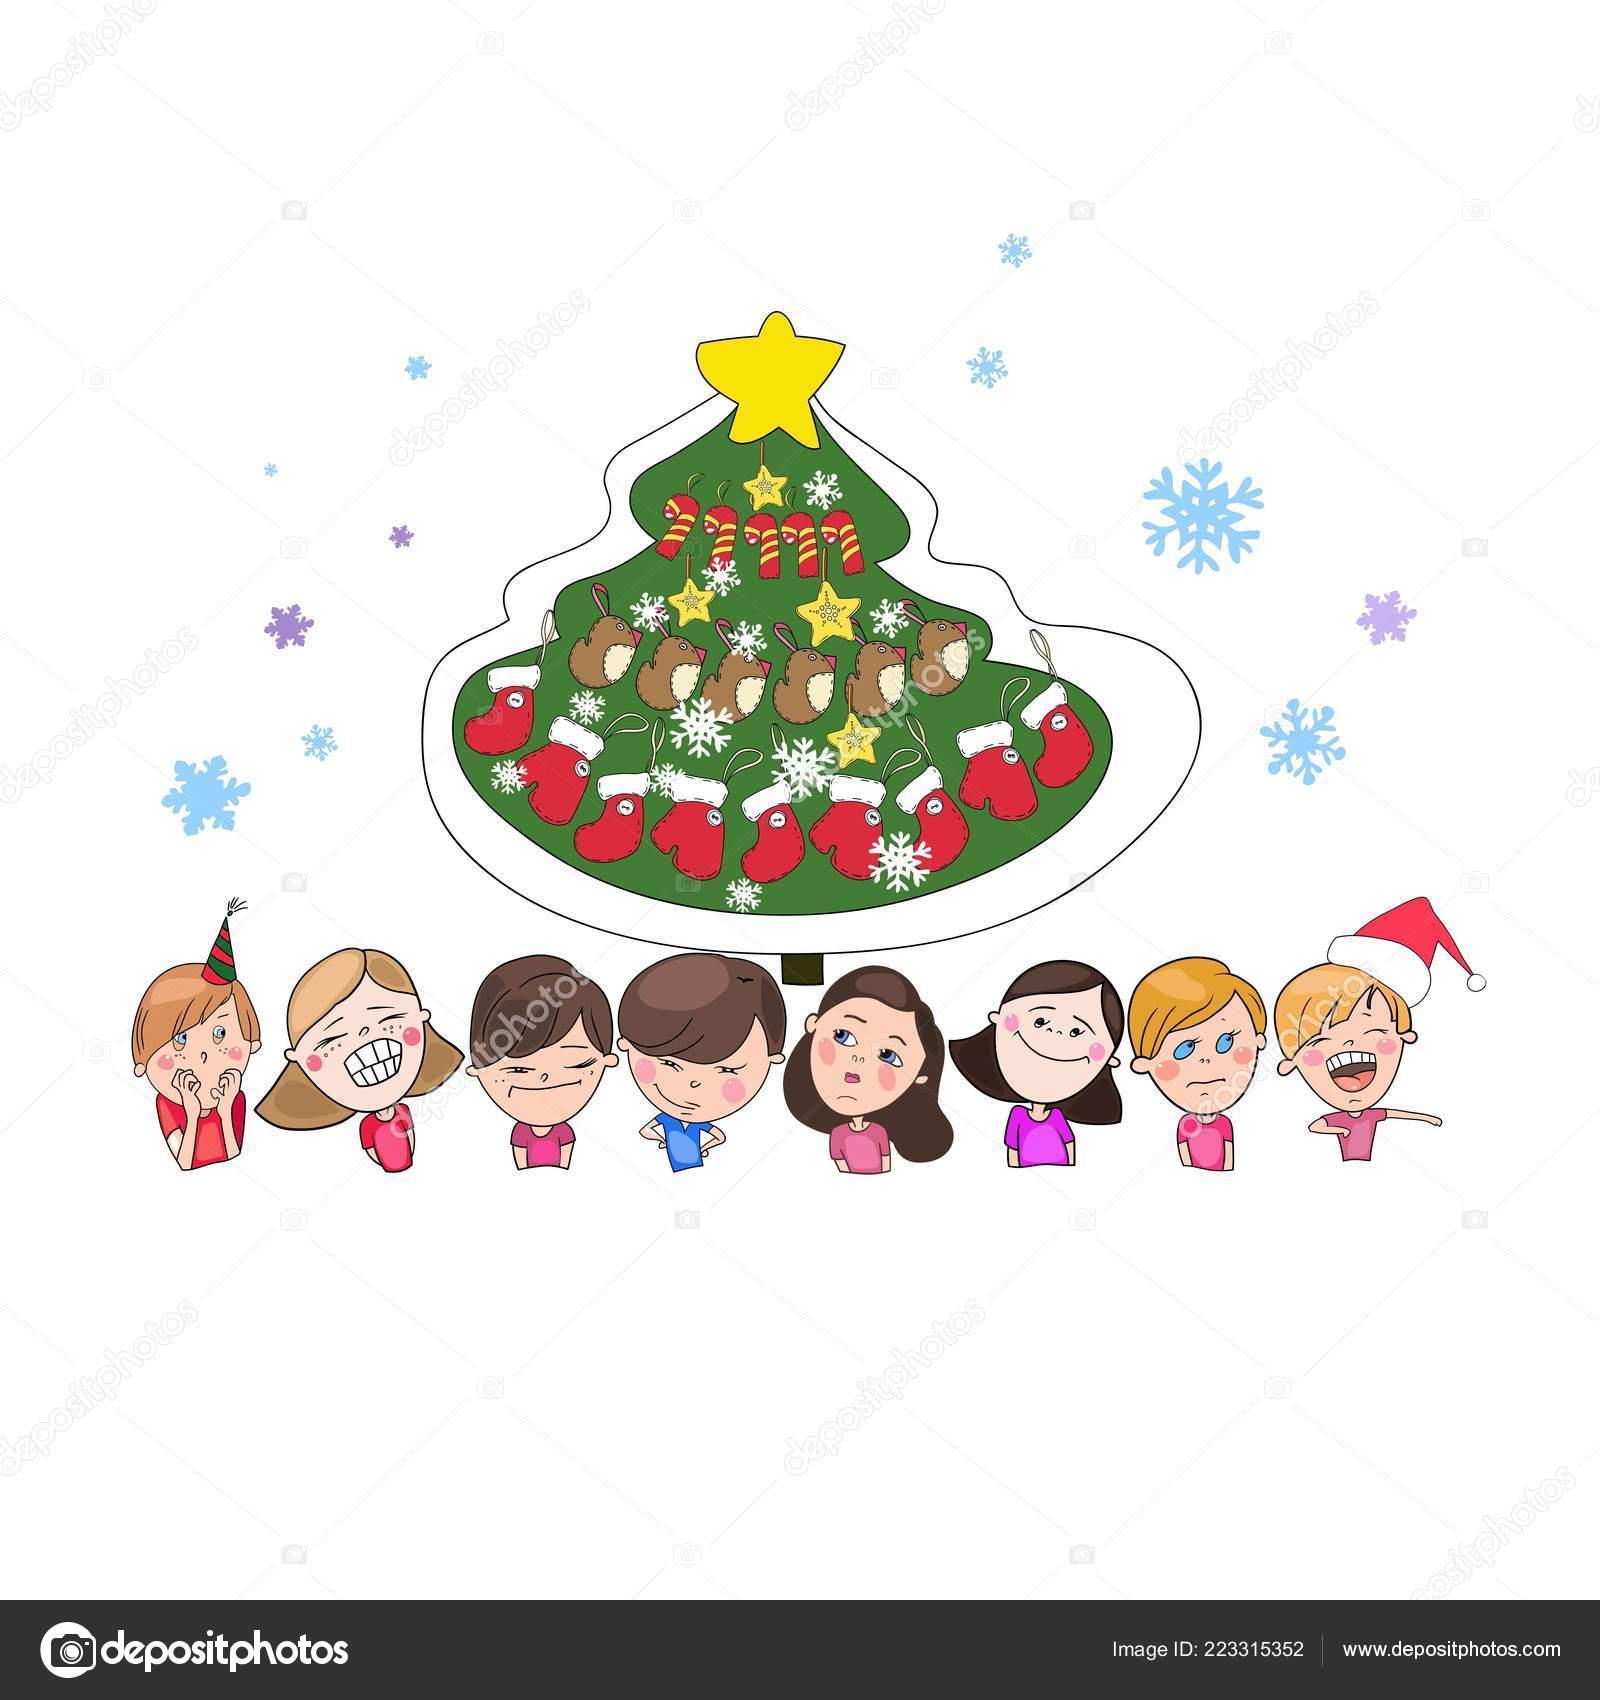 Immagini Di Natale Per Bambini Colorate.Disegni Capodanno Colorati Set Disegni Colorati Natale